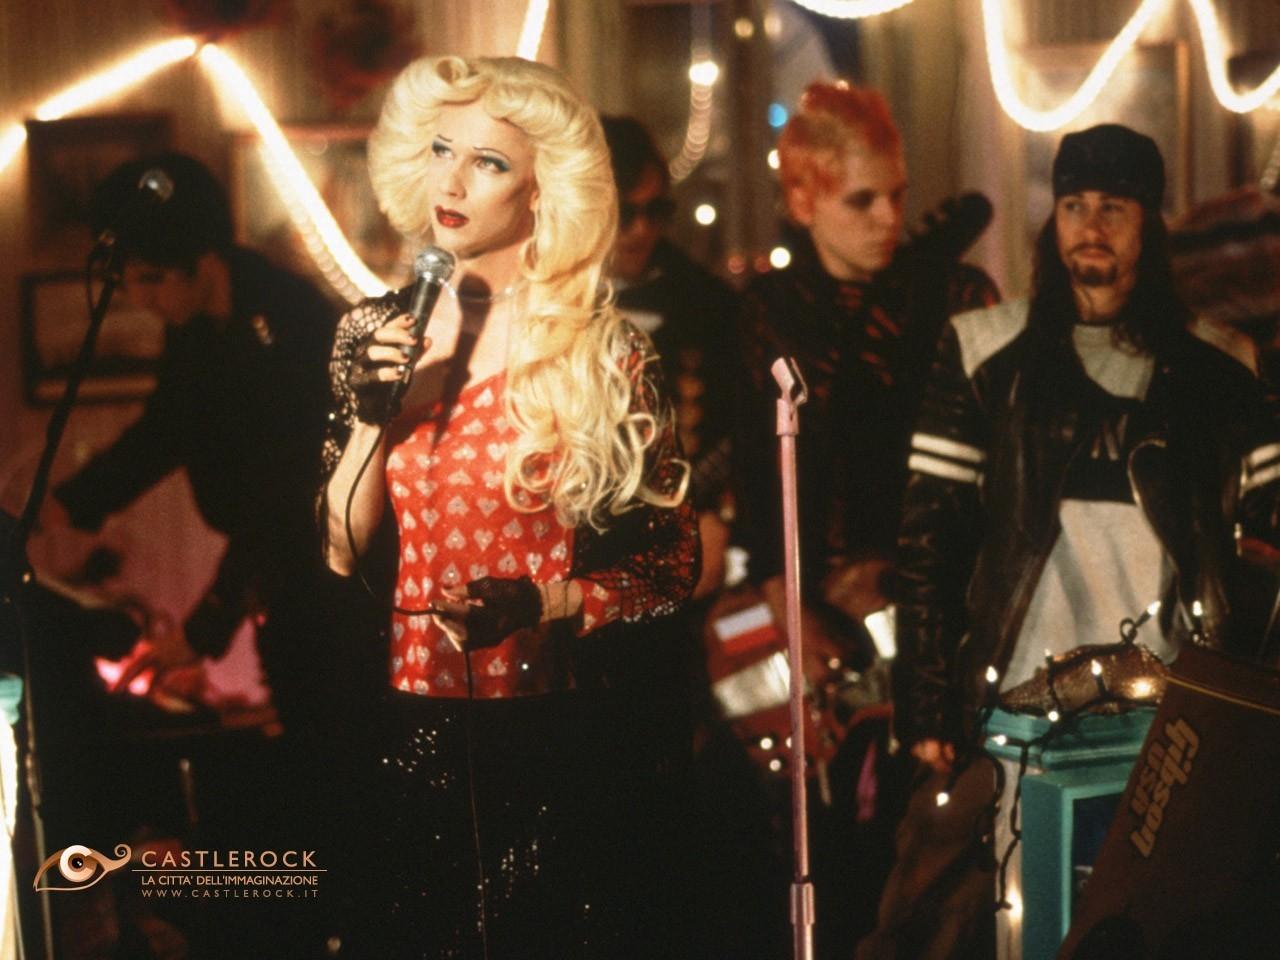 Wallpaper del film Hedwig - La diva con qualcosa in più